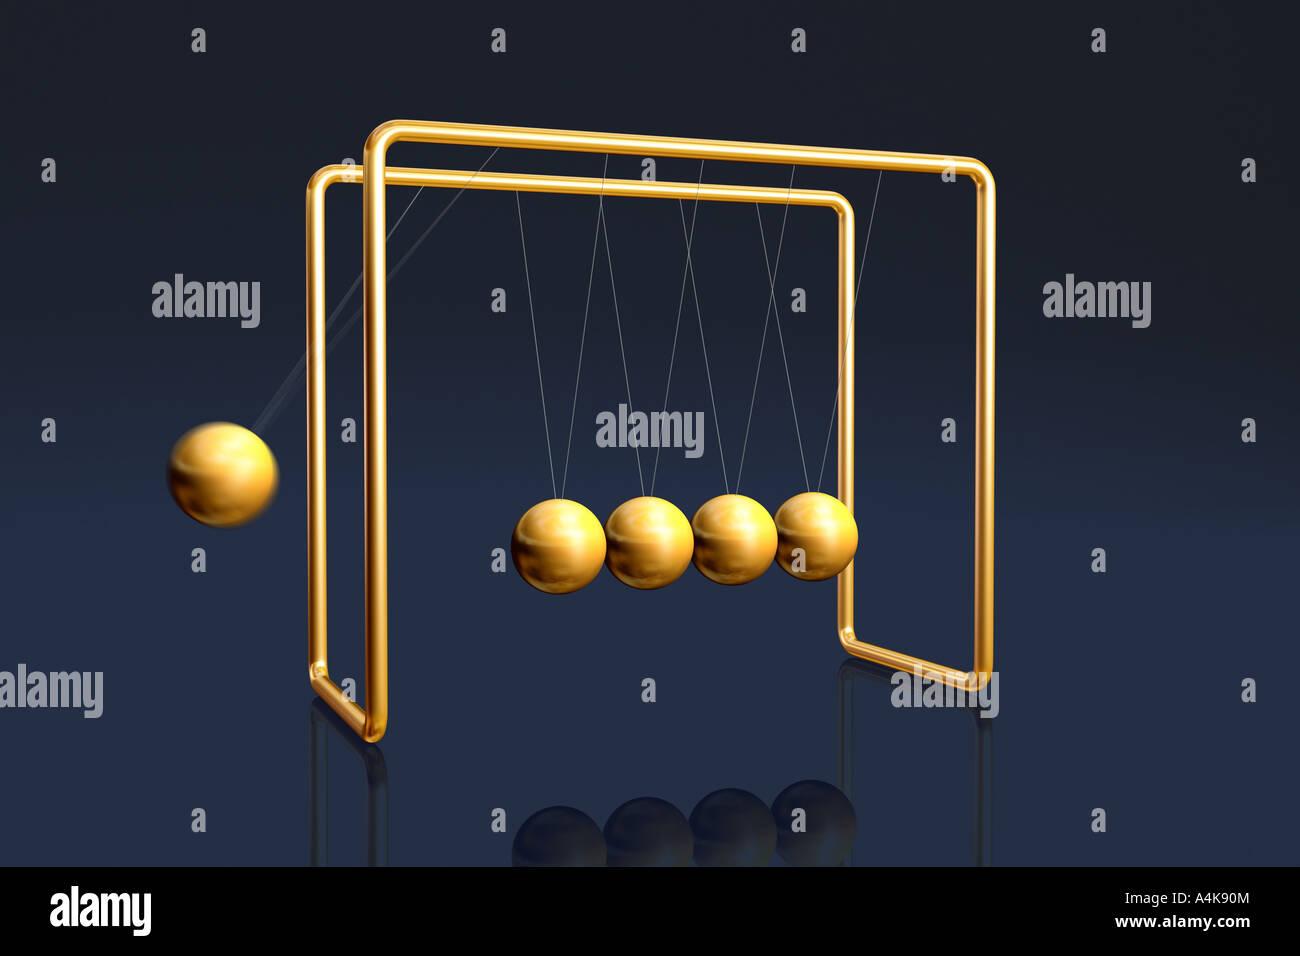 newton ball stock photos newton ball stock images alamy